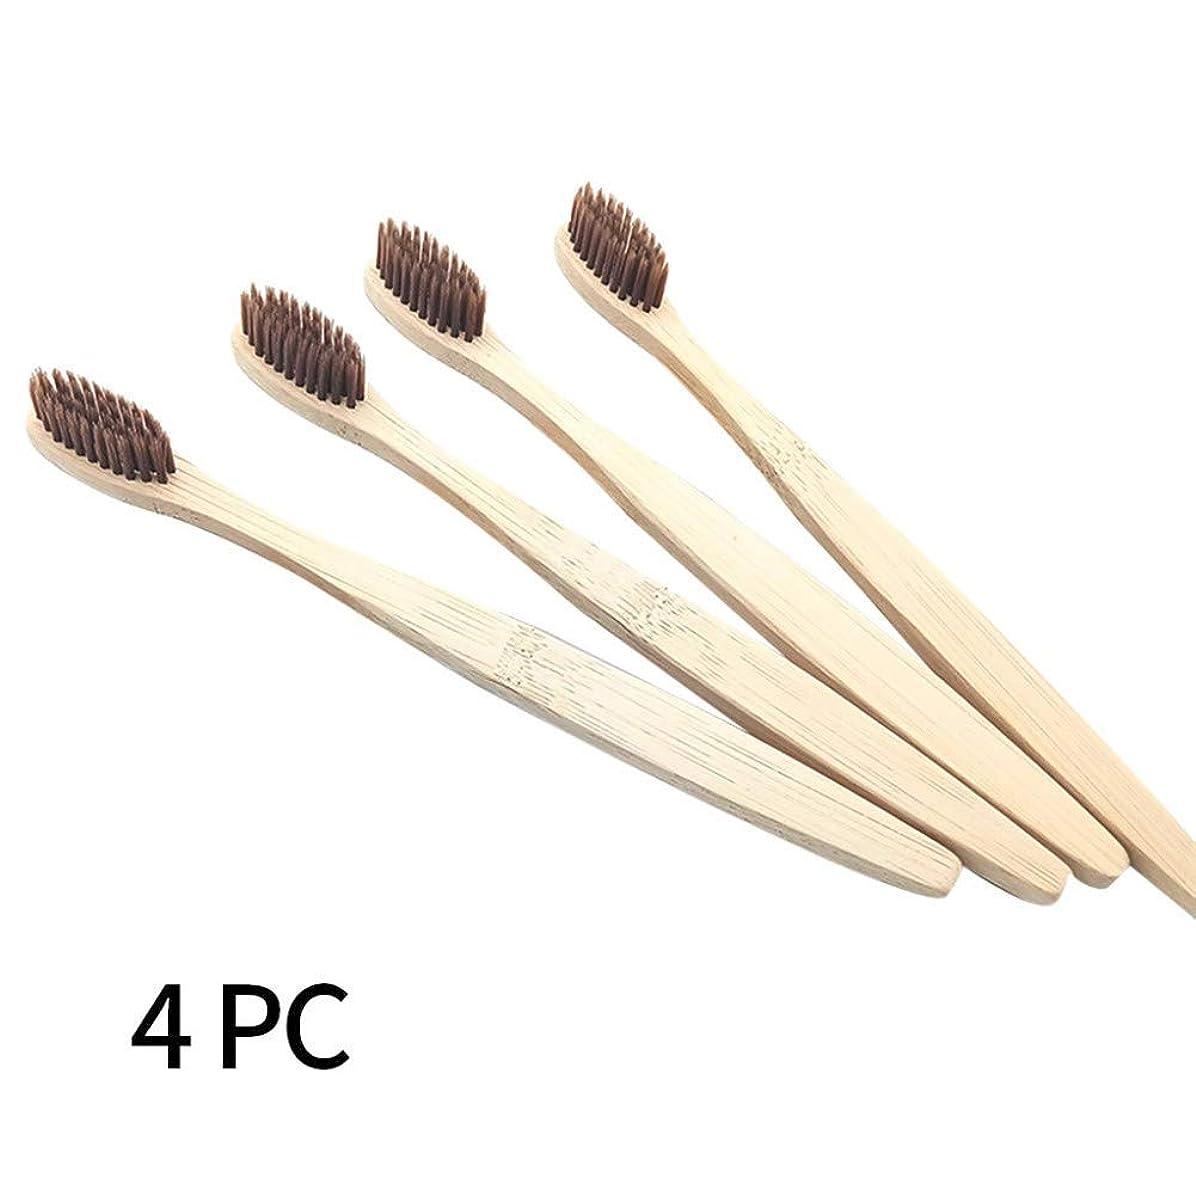 4Pc環境に優しいタケ柔らかい繊維の健康の歯ブラシのタケハンドルの生物分解性の歯ブラシの口頭心配のきれいなブラシ、カーキ